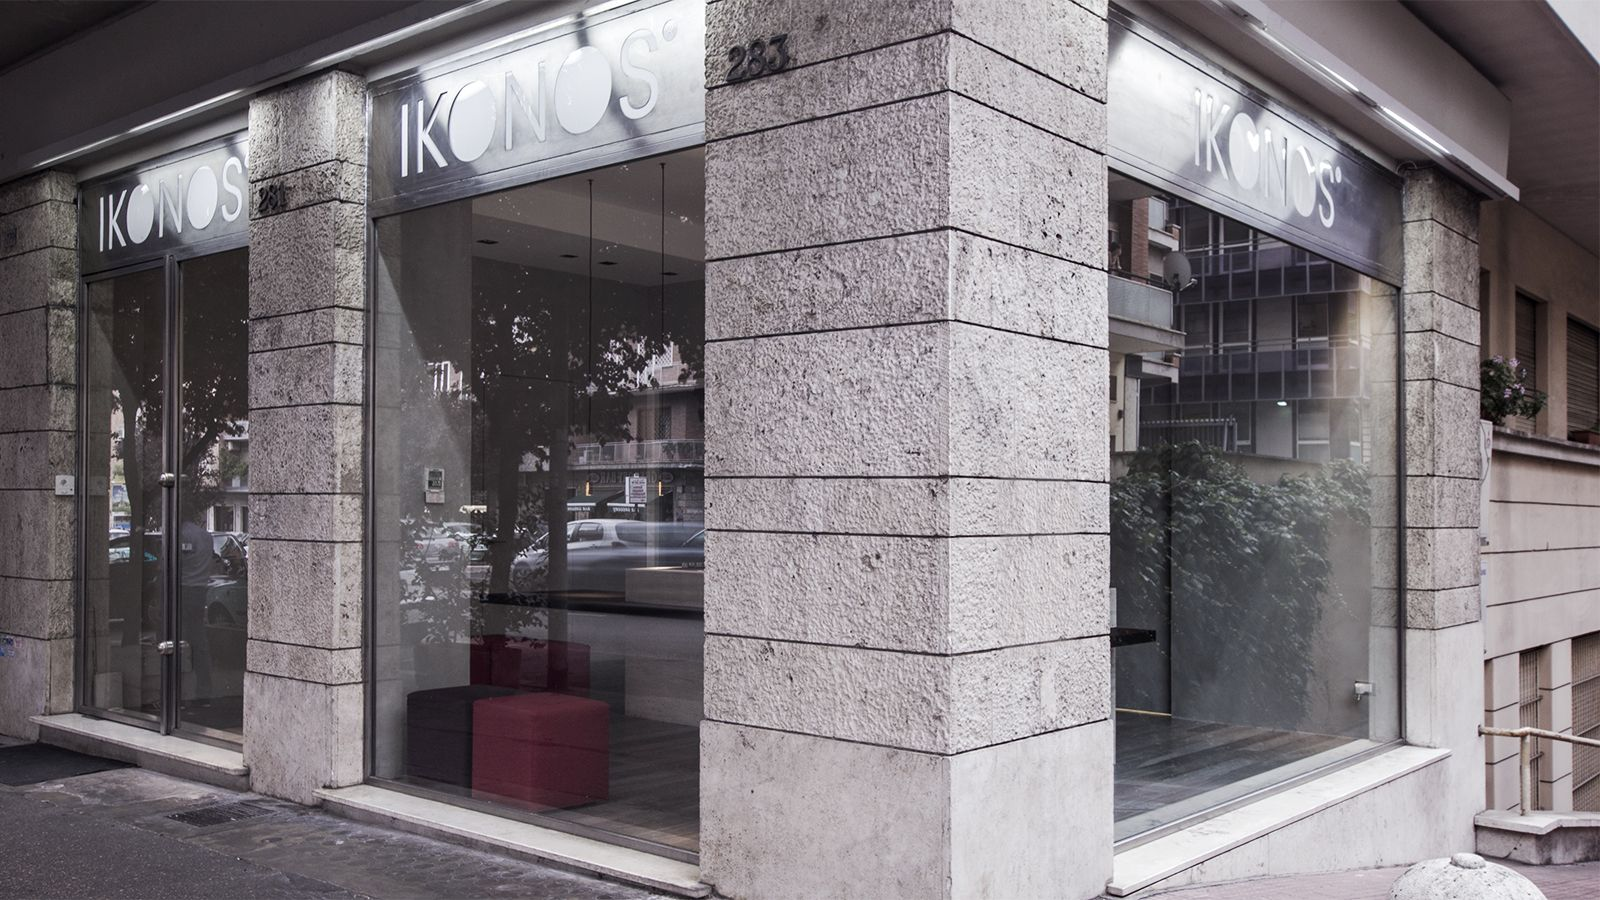 Negozi Arredamento Bari E Provincia negozi arredamento via gregorio vii roma